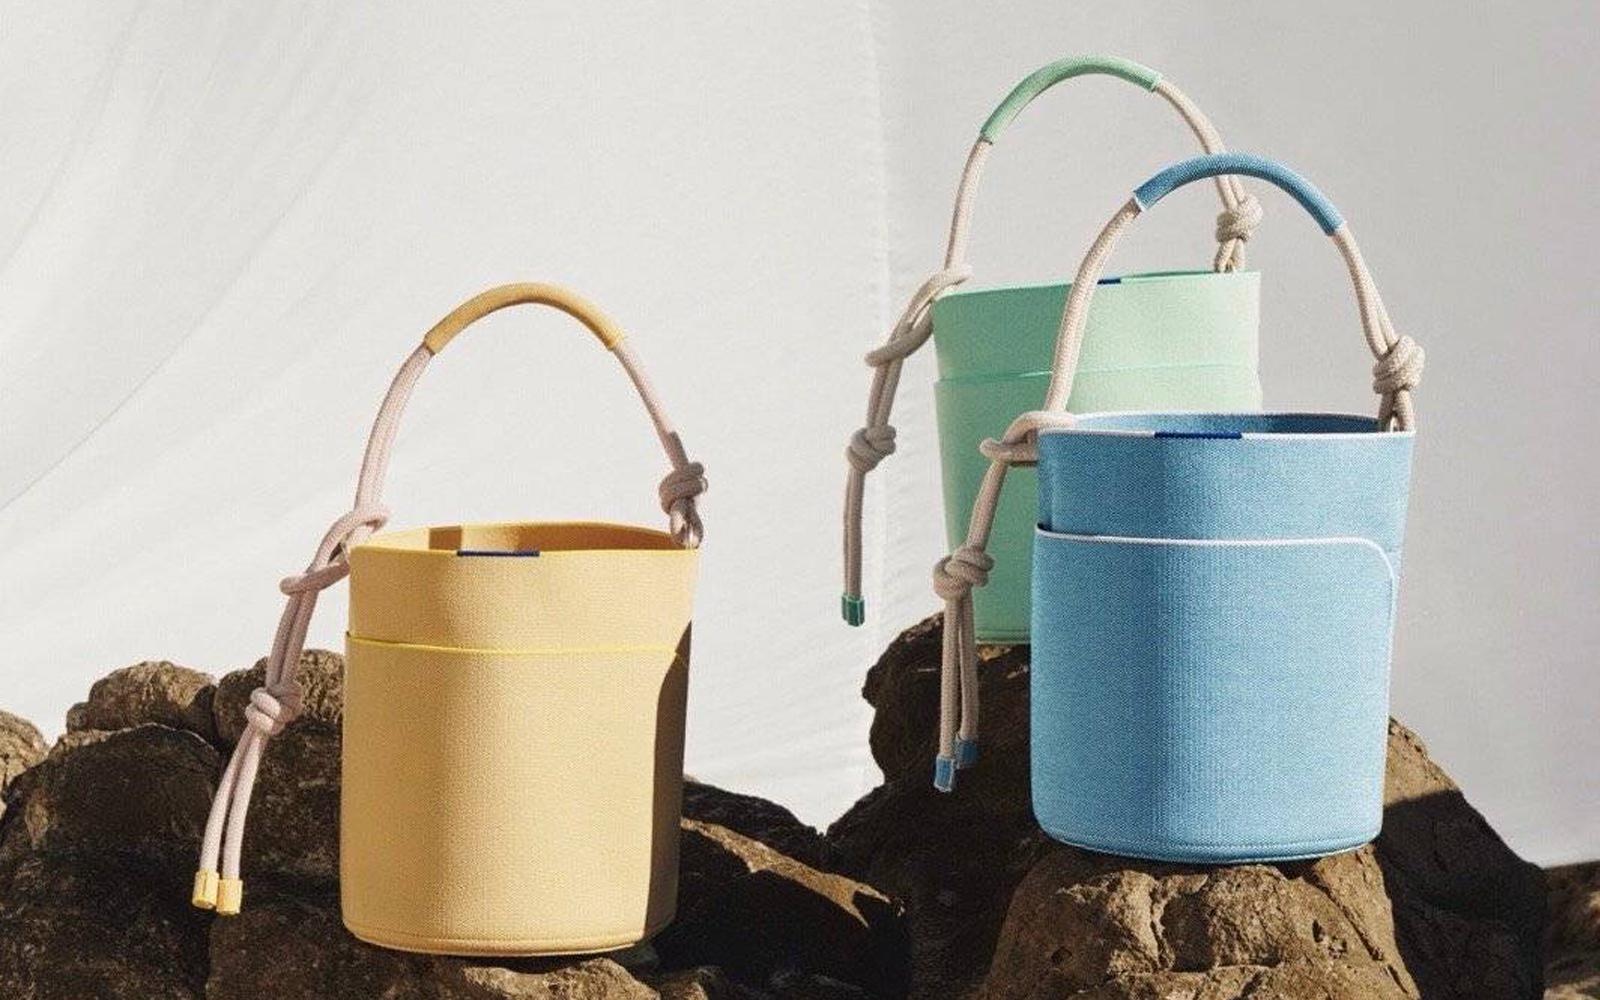 OATLY 上市;喜小茶开业一年卖出 280 万杯;躺岛和理然官宣代言人   品牌日报